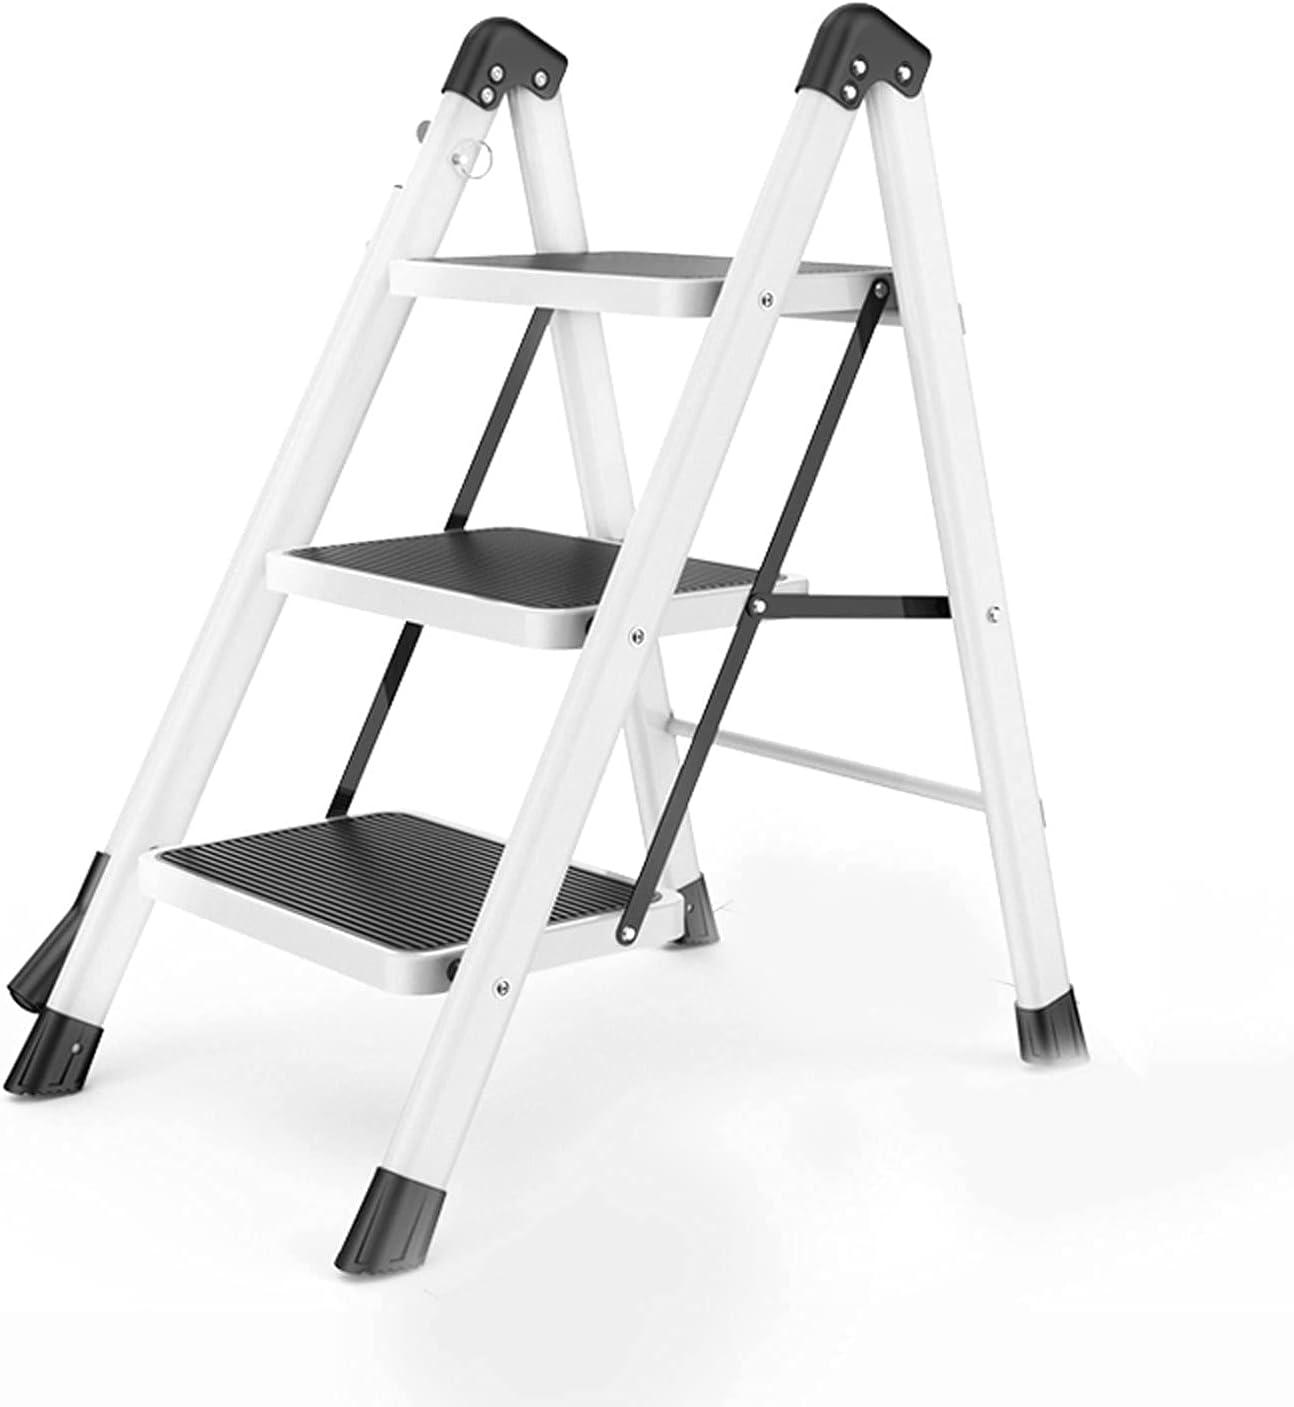 ADSE 2-Step 3-Step 4-Step 5-Step Finally resale start Ladder Folding K Portable Steel Sale SALE% OFF